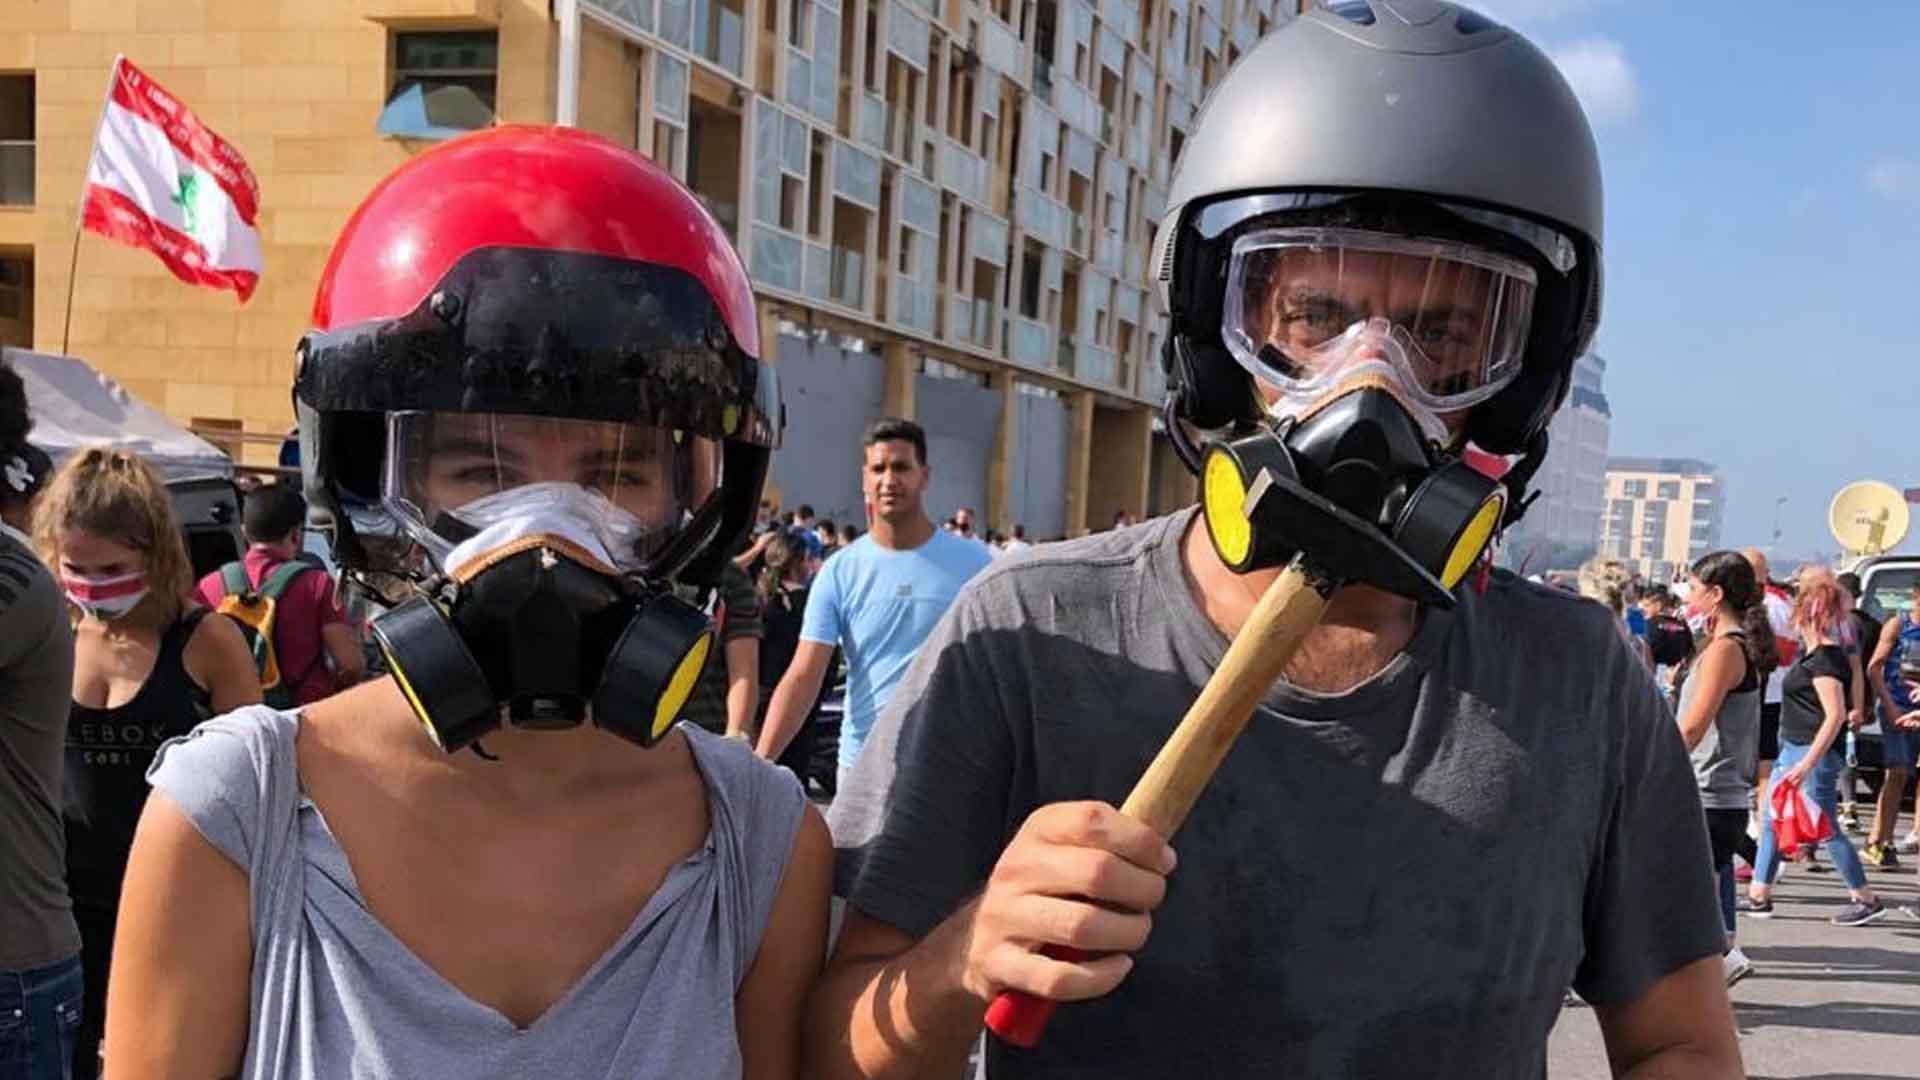 Abbiamo parlato con i giovani di Beirut che vogliono la rivoluzione